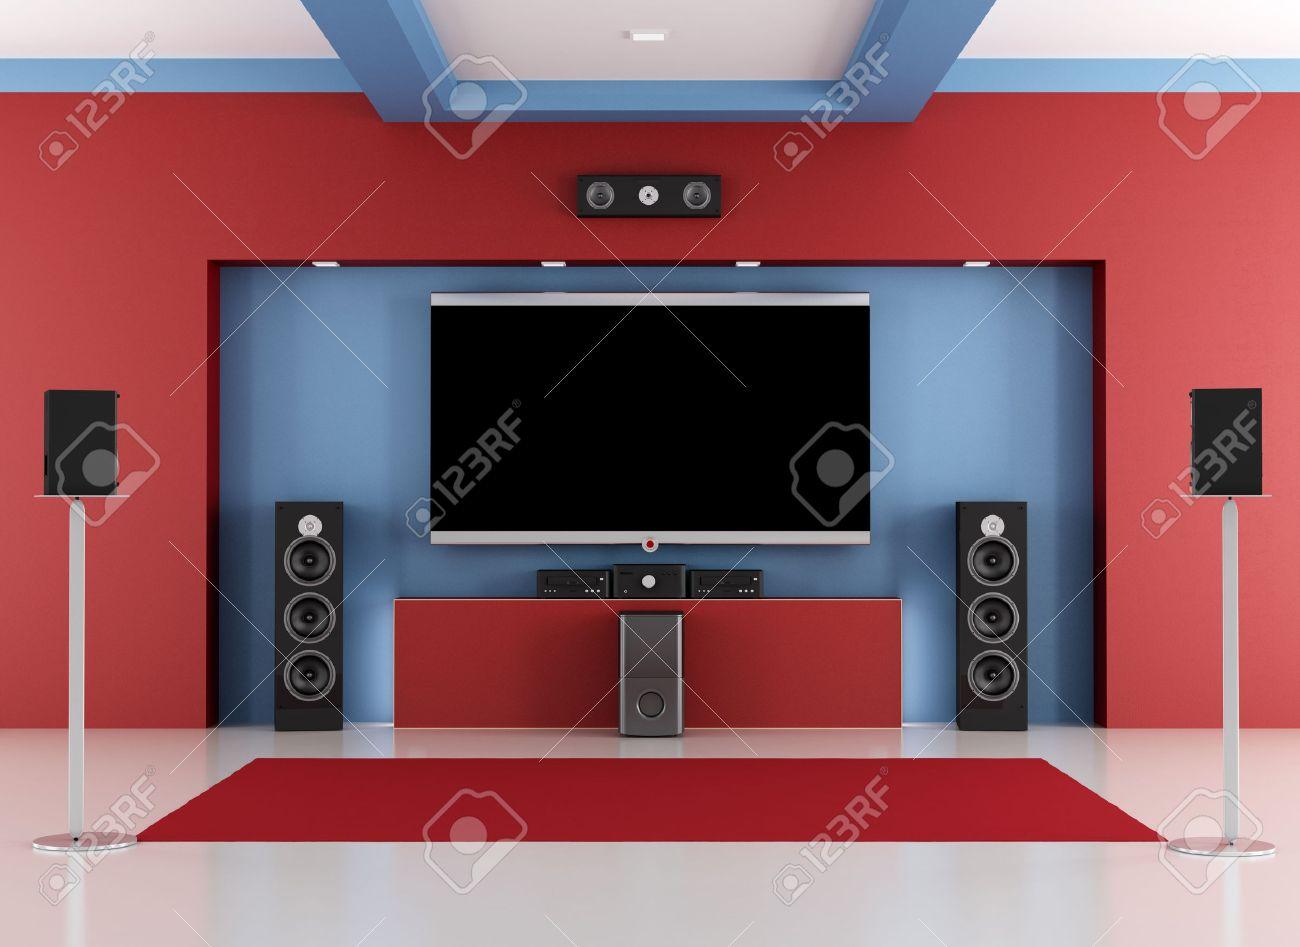 La Maison Chambre Rouge Et Bleu De Cinéma Avec Télévision à écran ...